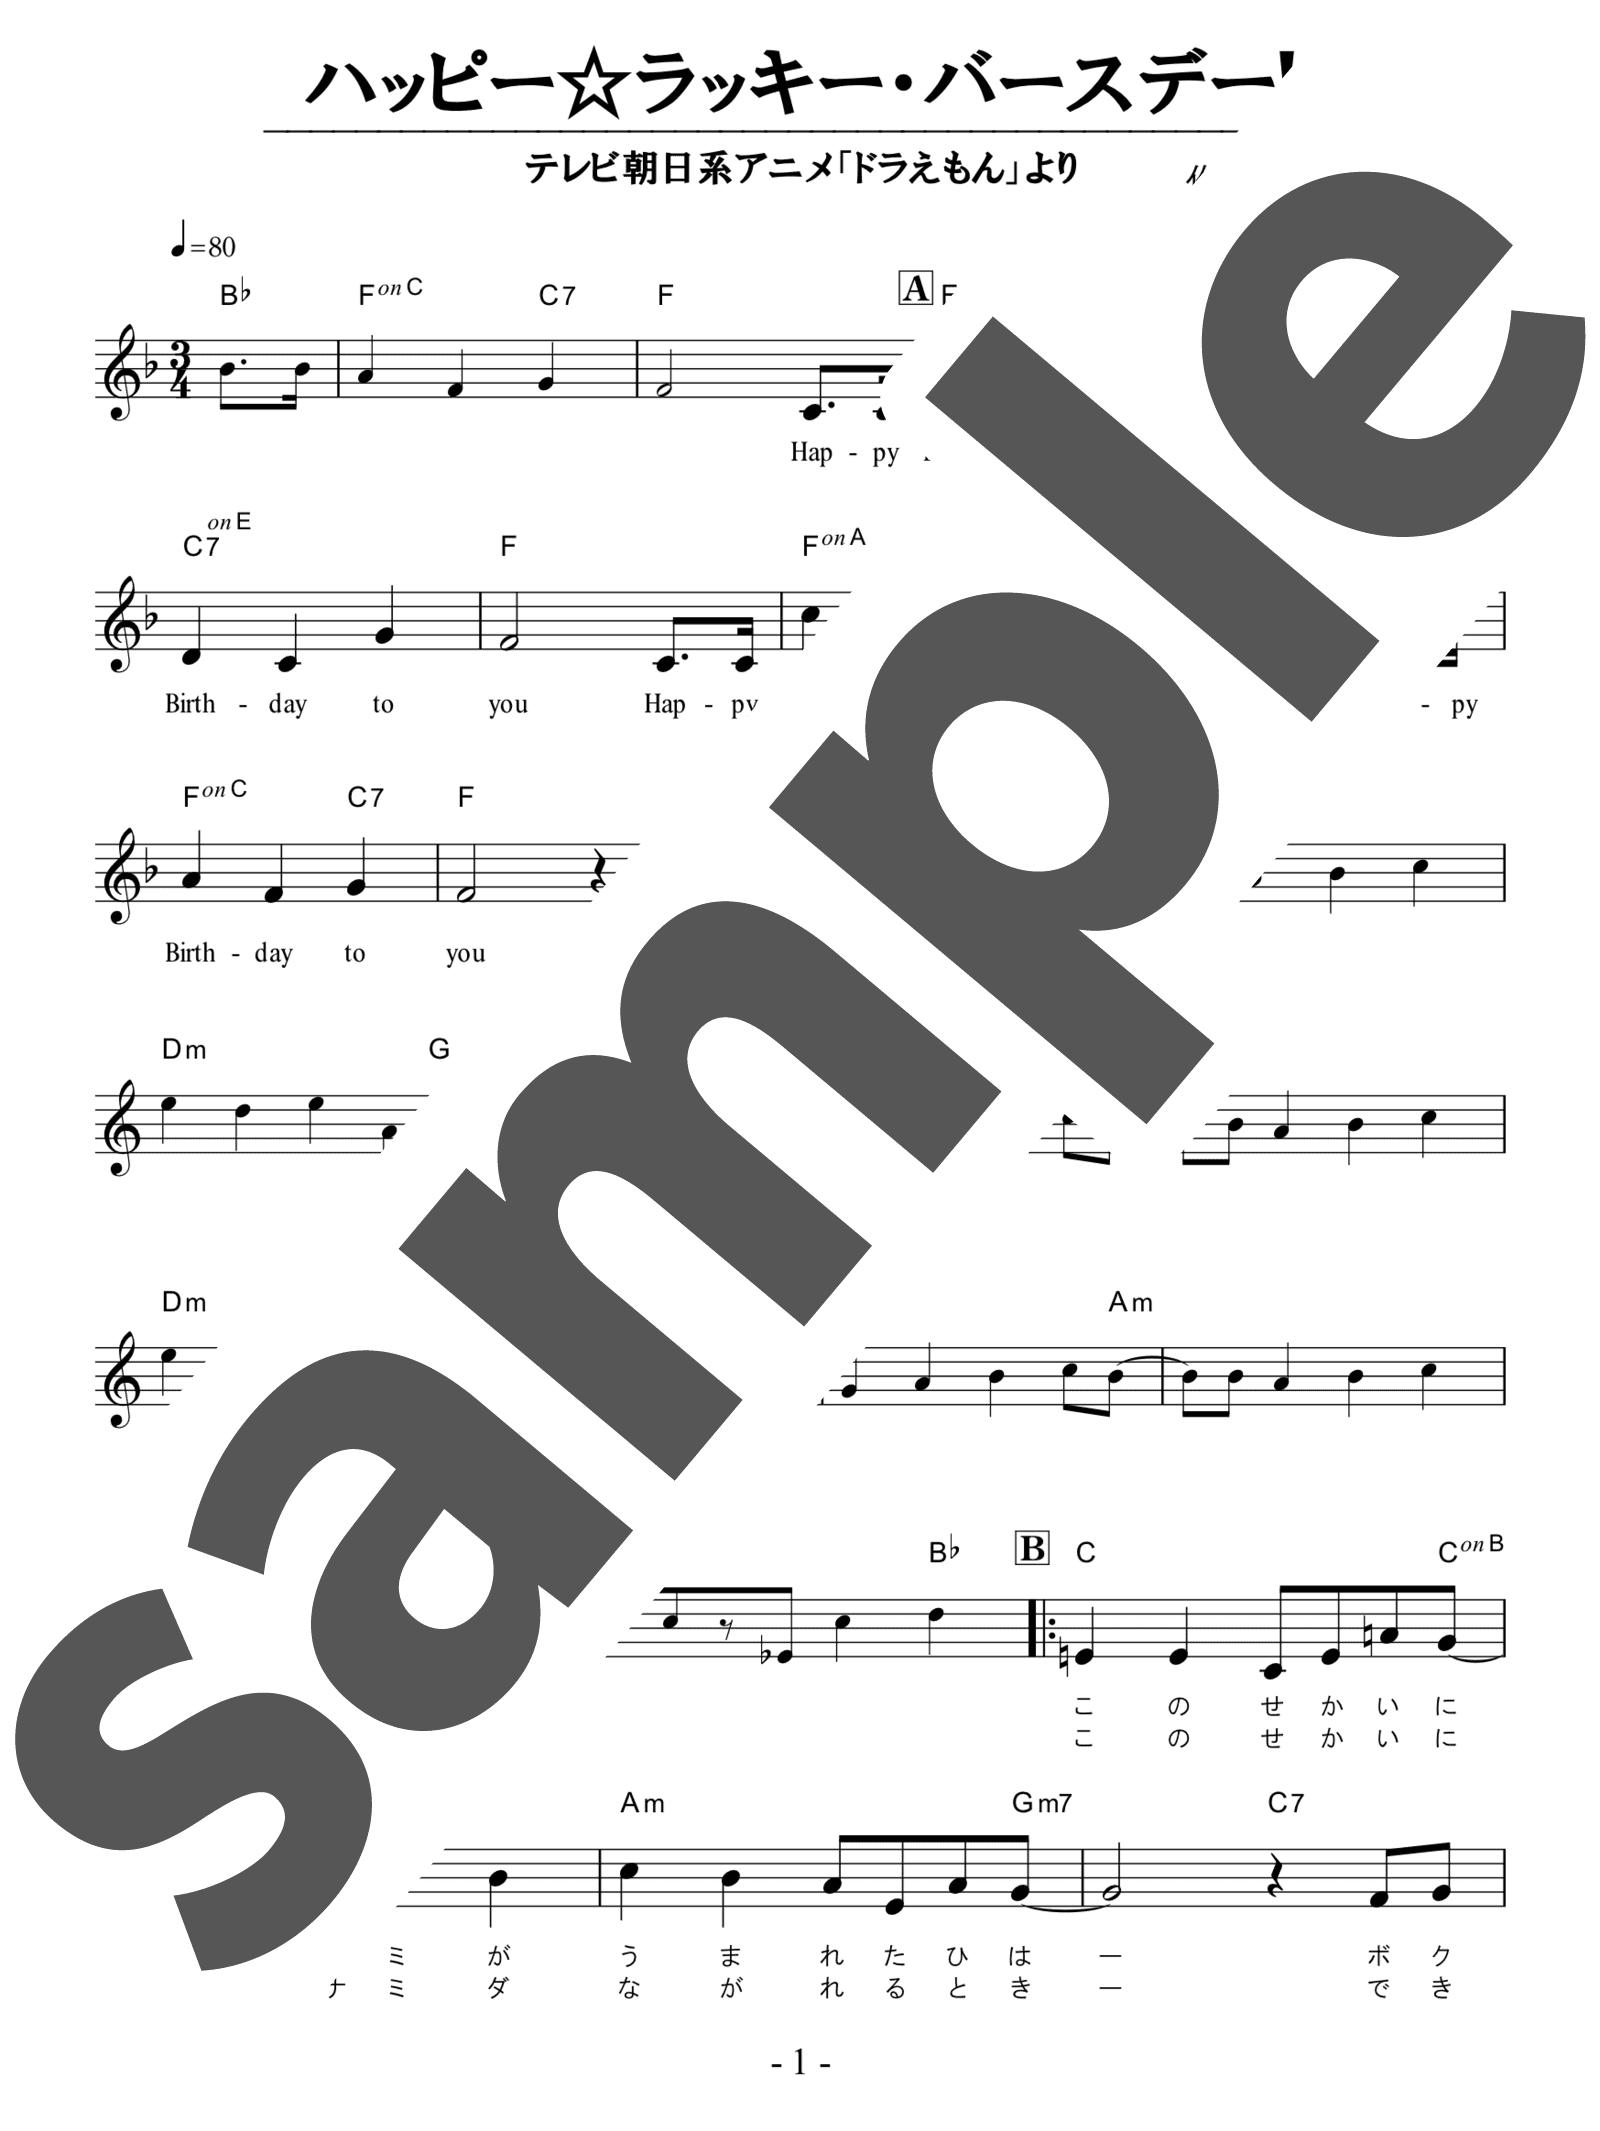 「ハッピー☆ラッキー・バースデー!」のサンプル楽譜